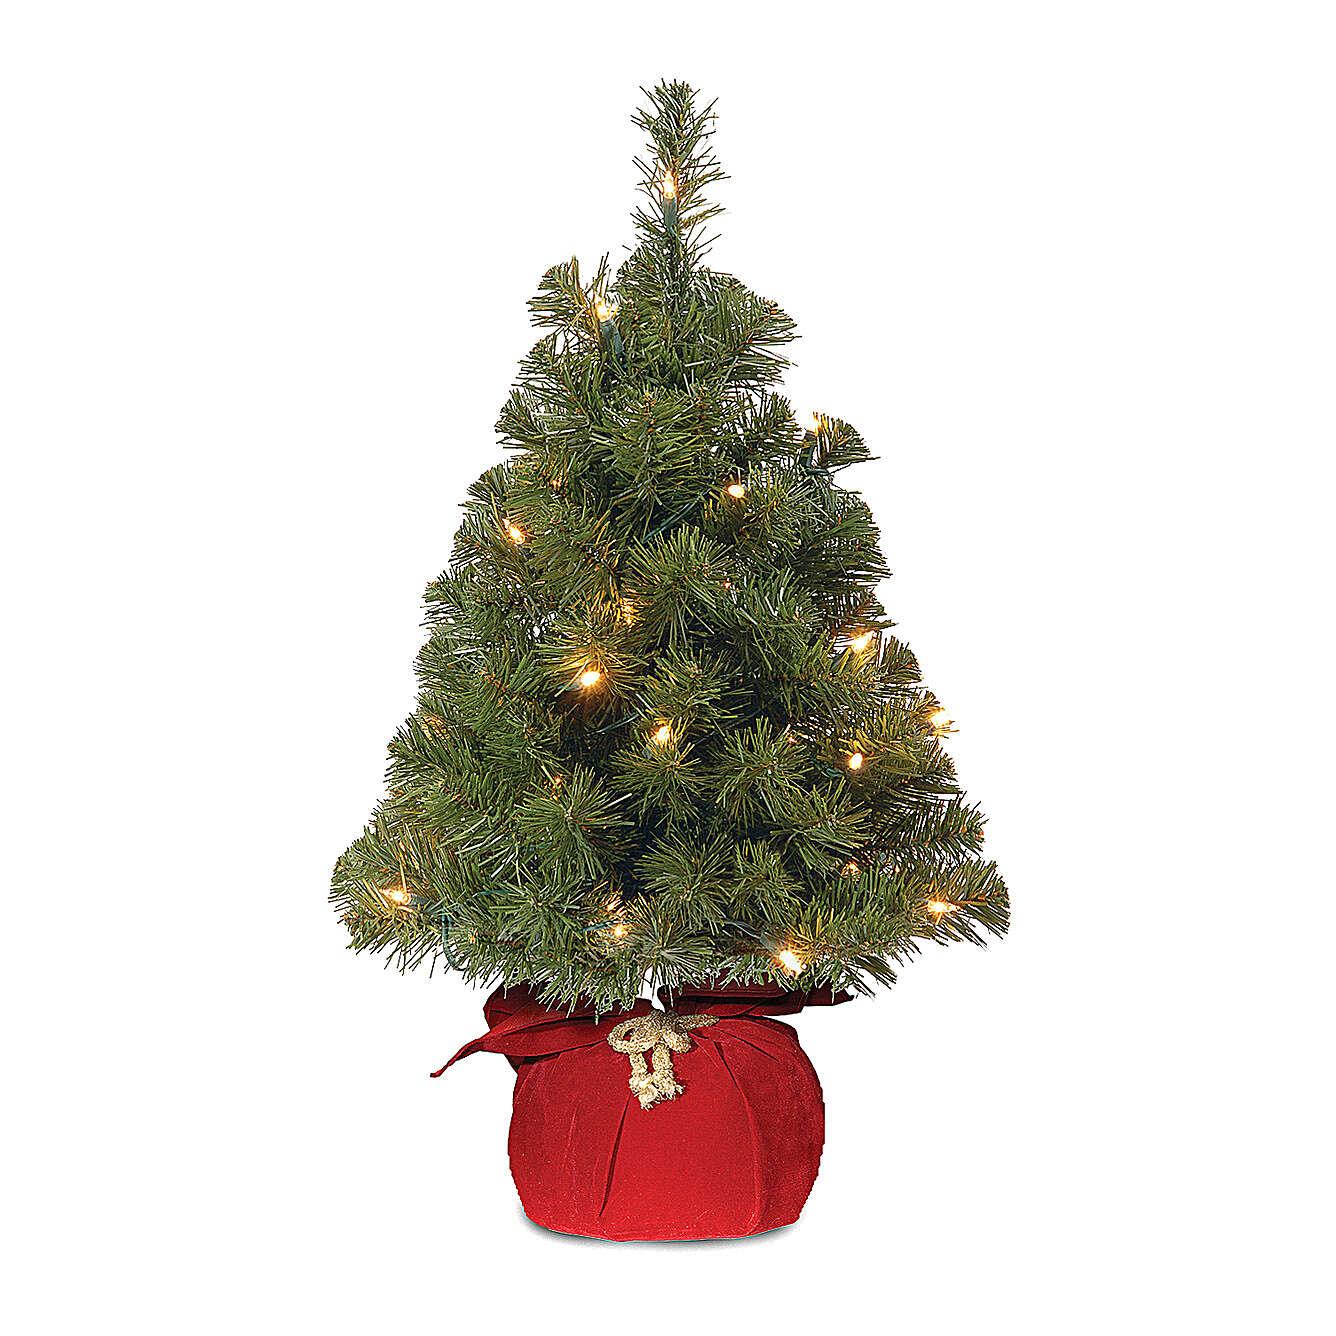 Alberello di Natale 90 cm rosso luci 25 led Noble Spruce Tree Slim 3